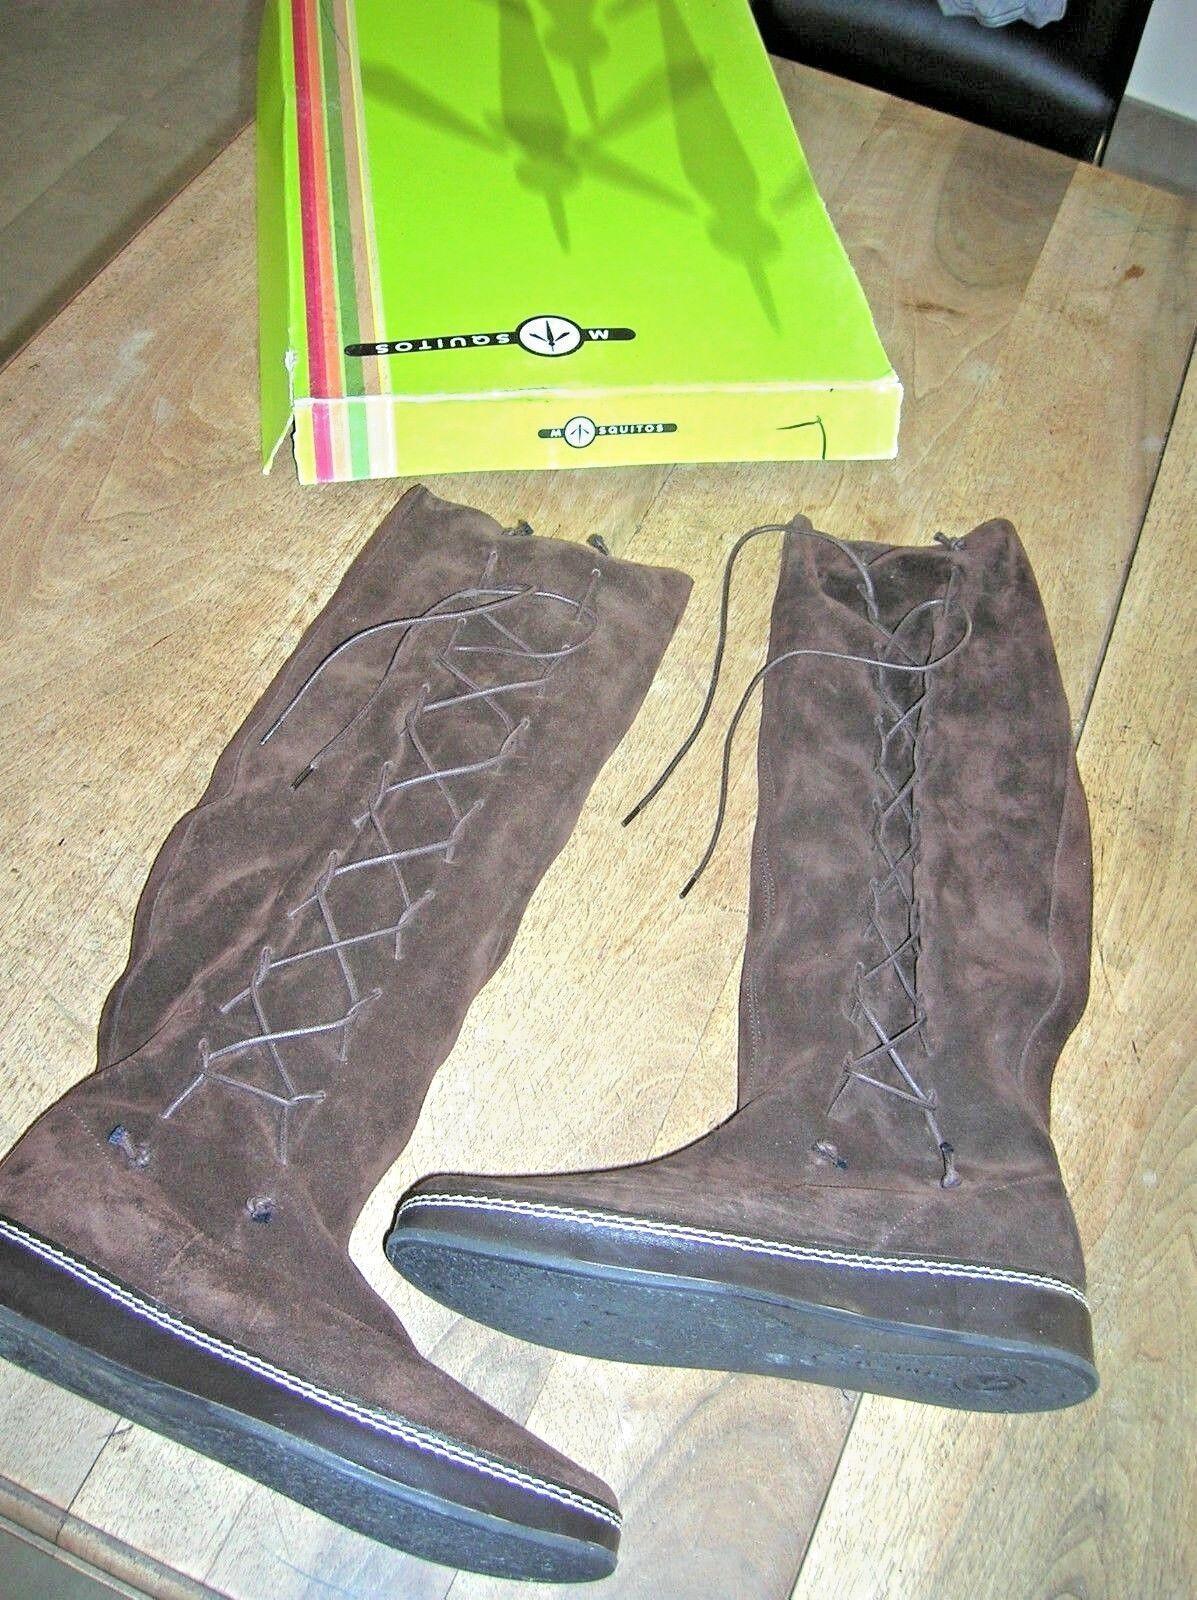 MOSQUITOS Botte cuir velour marrón NEUVE Plateau Valeur 2cm Valeur Plateau 220E Pointure 36 68c0c5